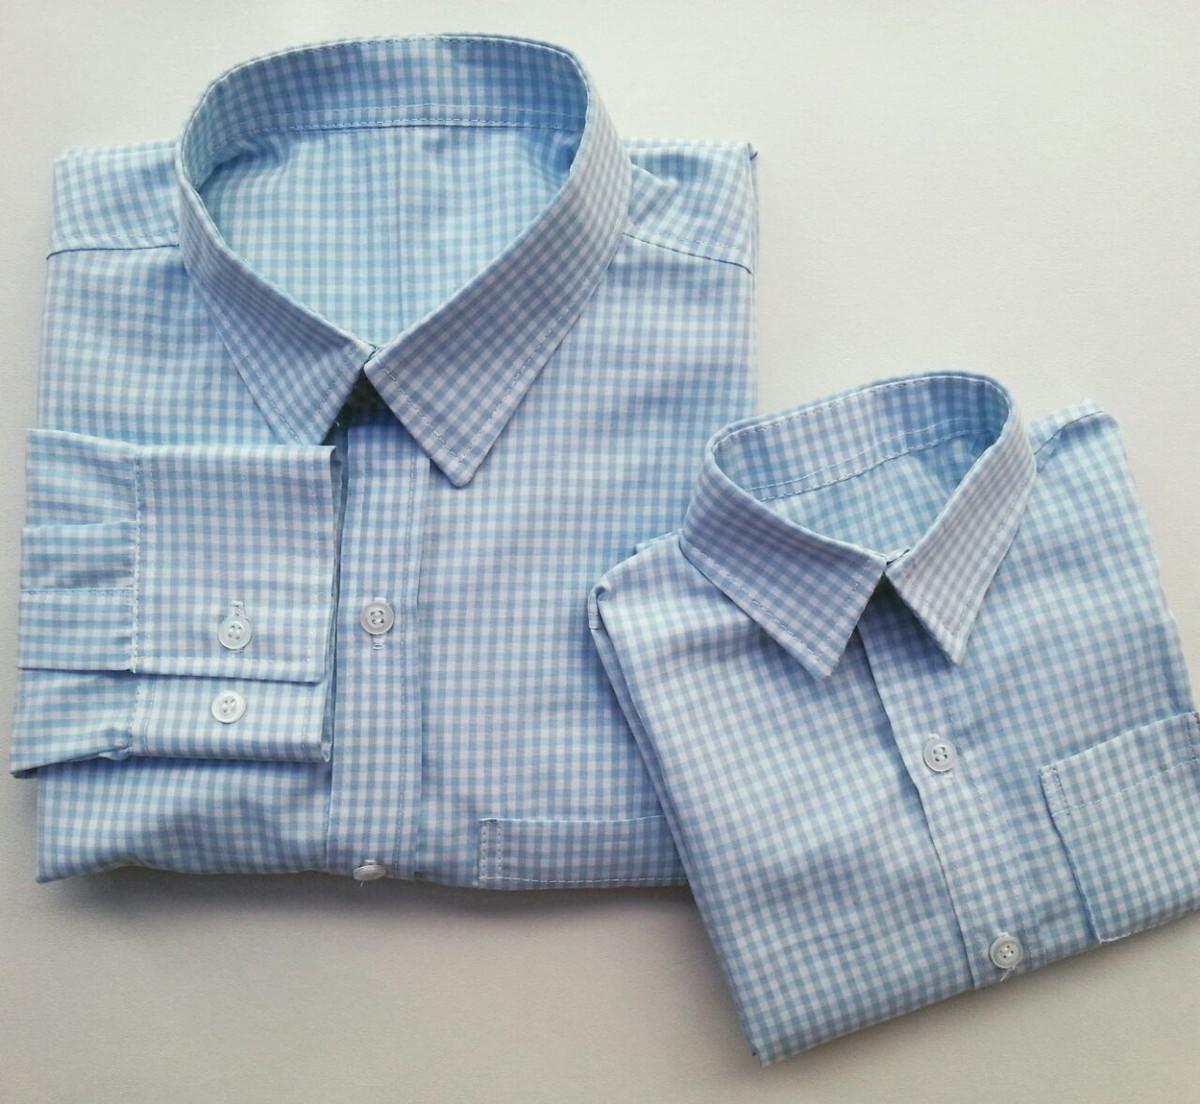 Kit camisa tal pai tal filho manga longa no Elo7  66d4603b2c8f0